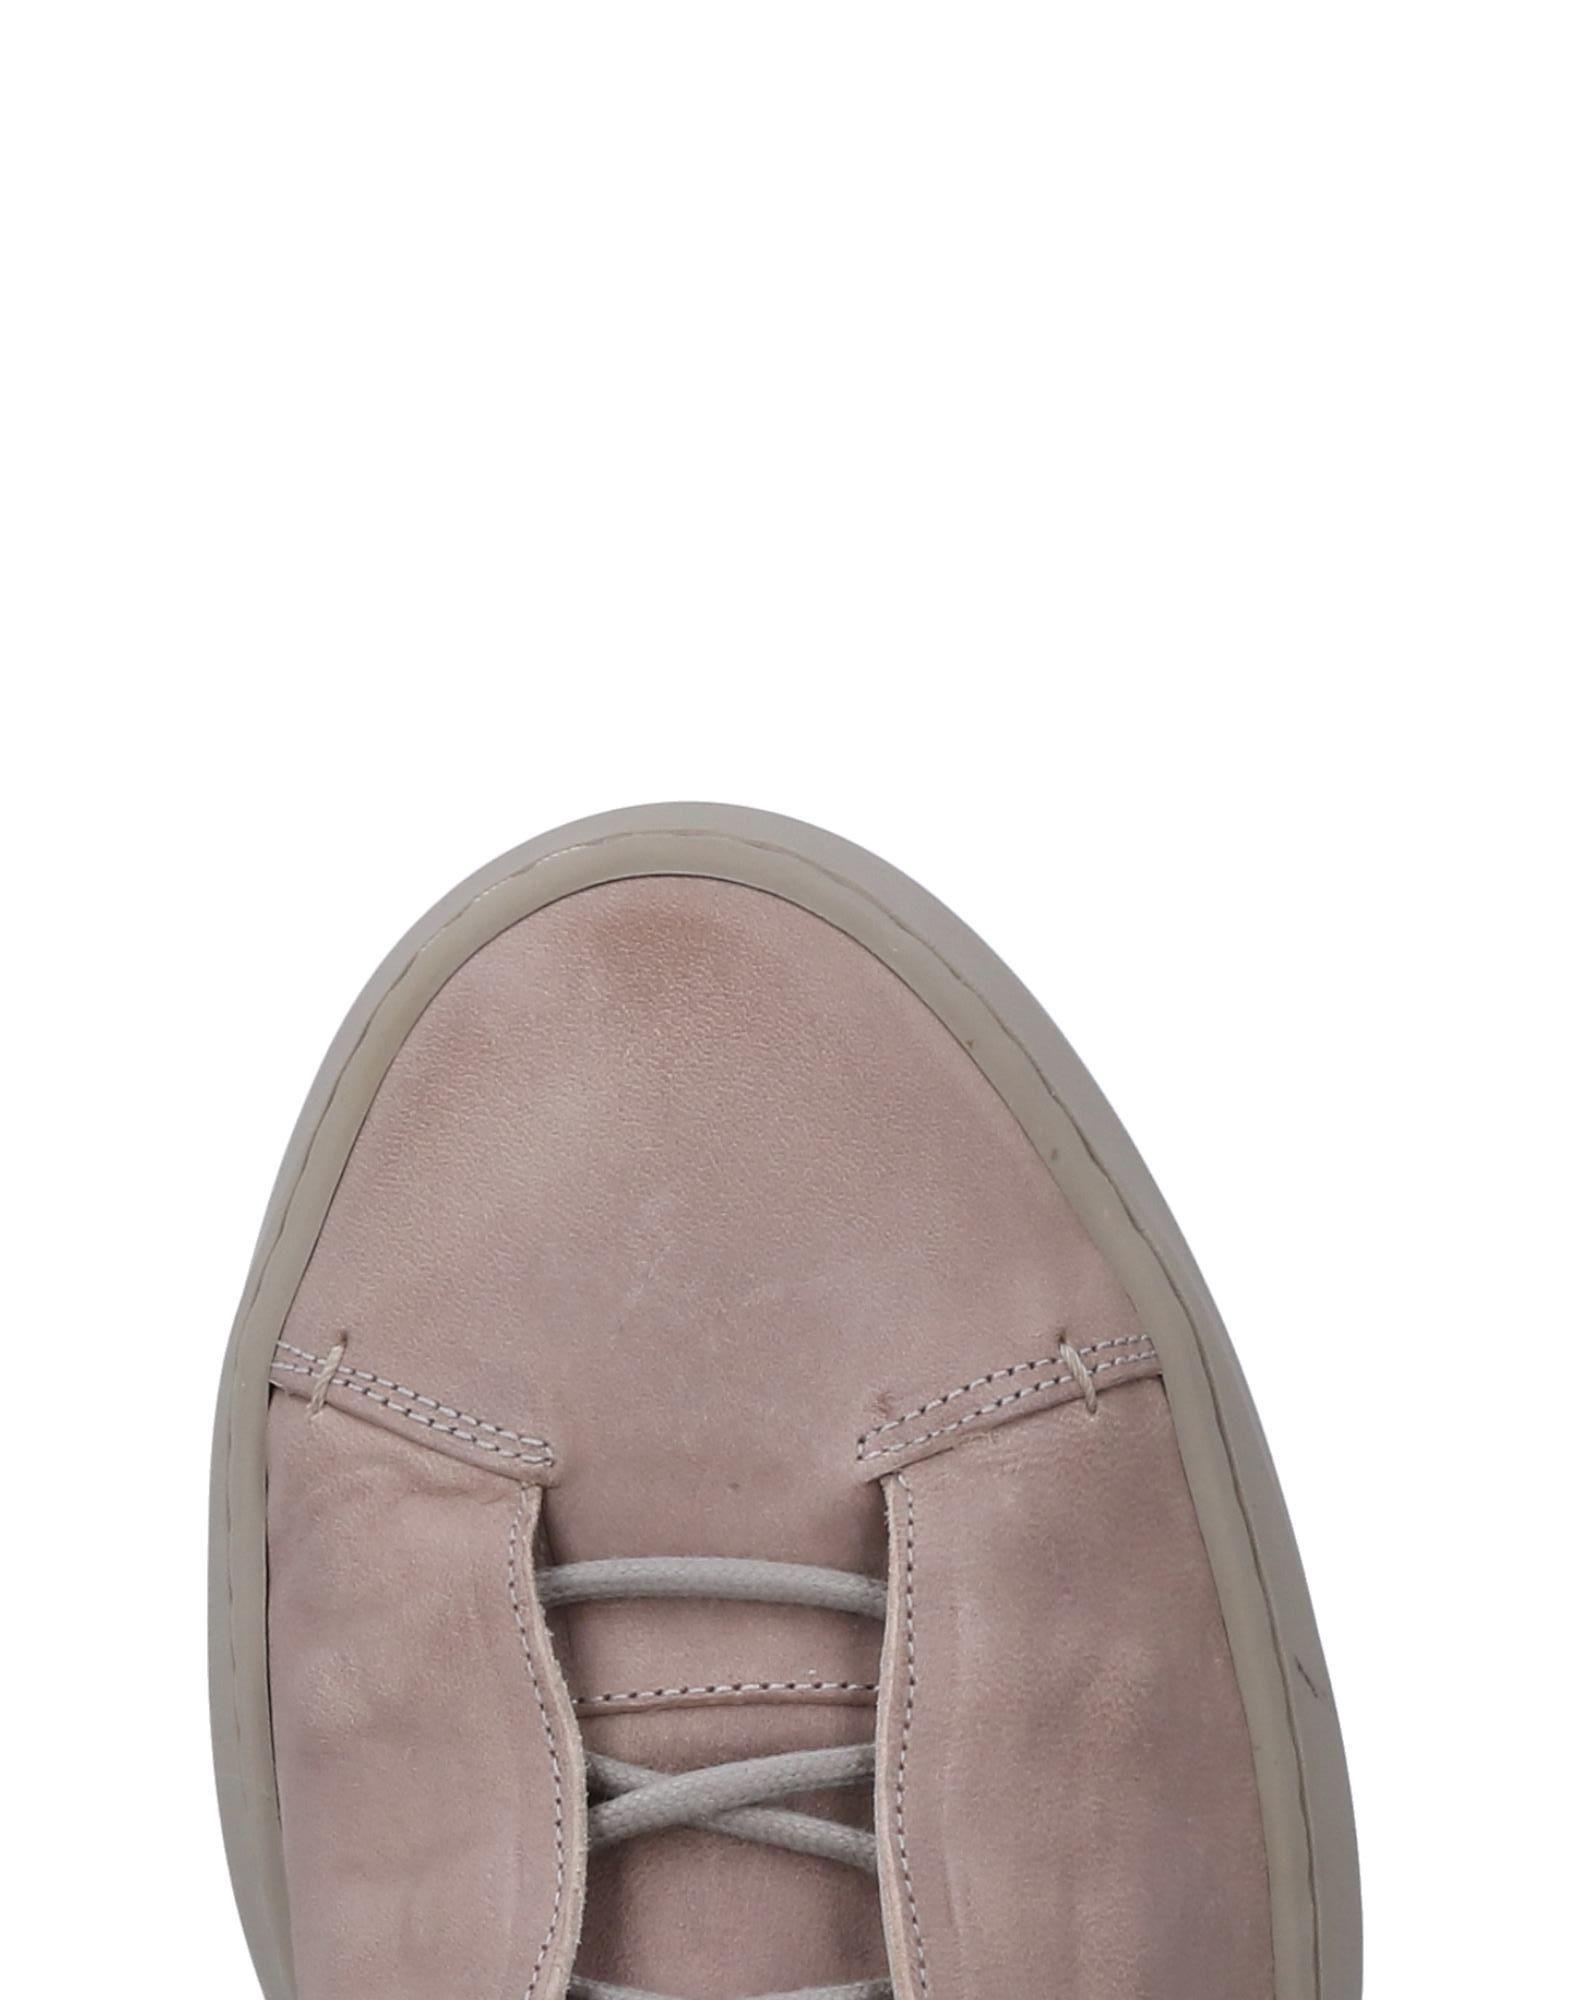 The Last Conspiracy Sneakers Herren  11517142WJ Gute Qualität beliebte Schuhe